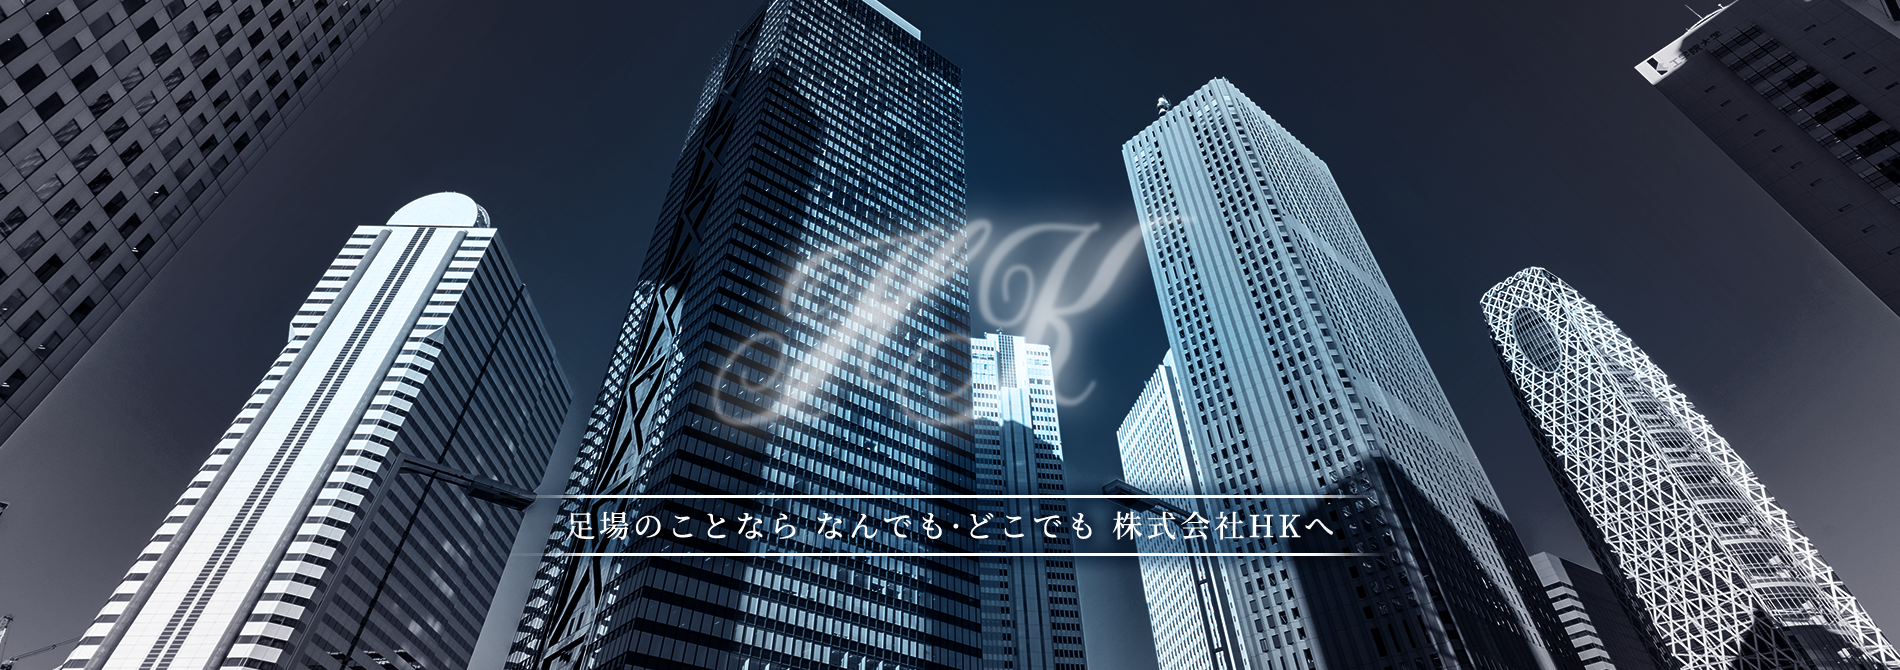 株式会社HK